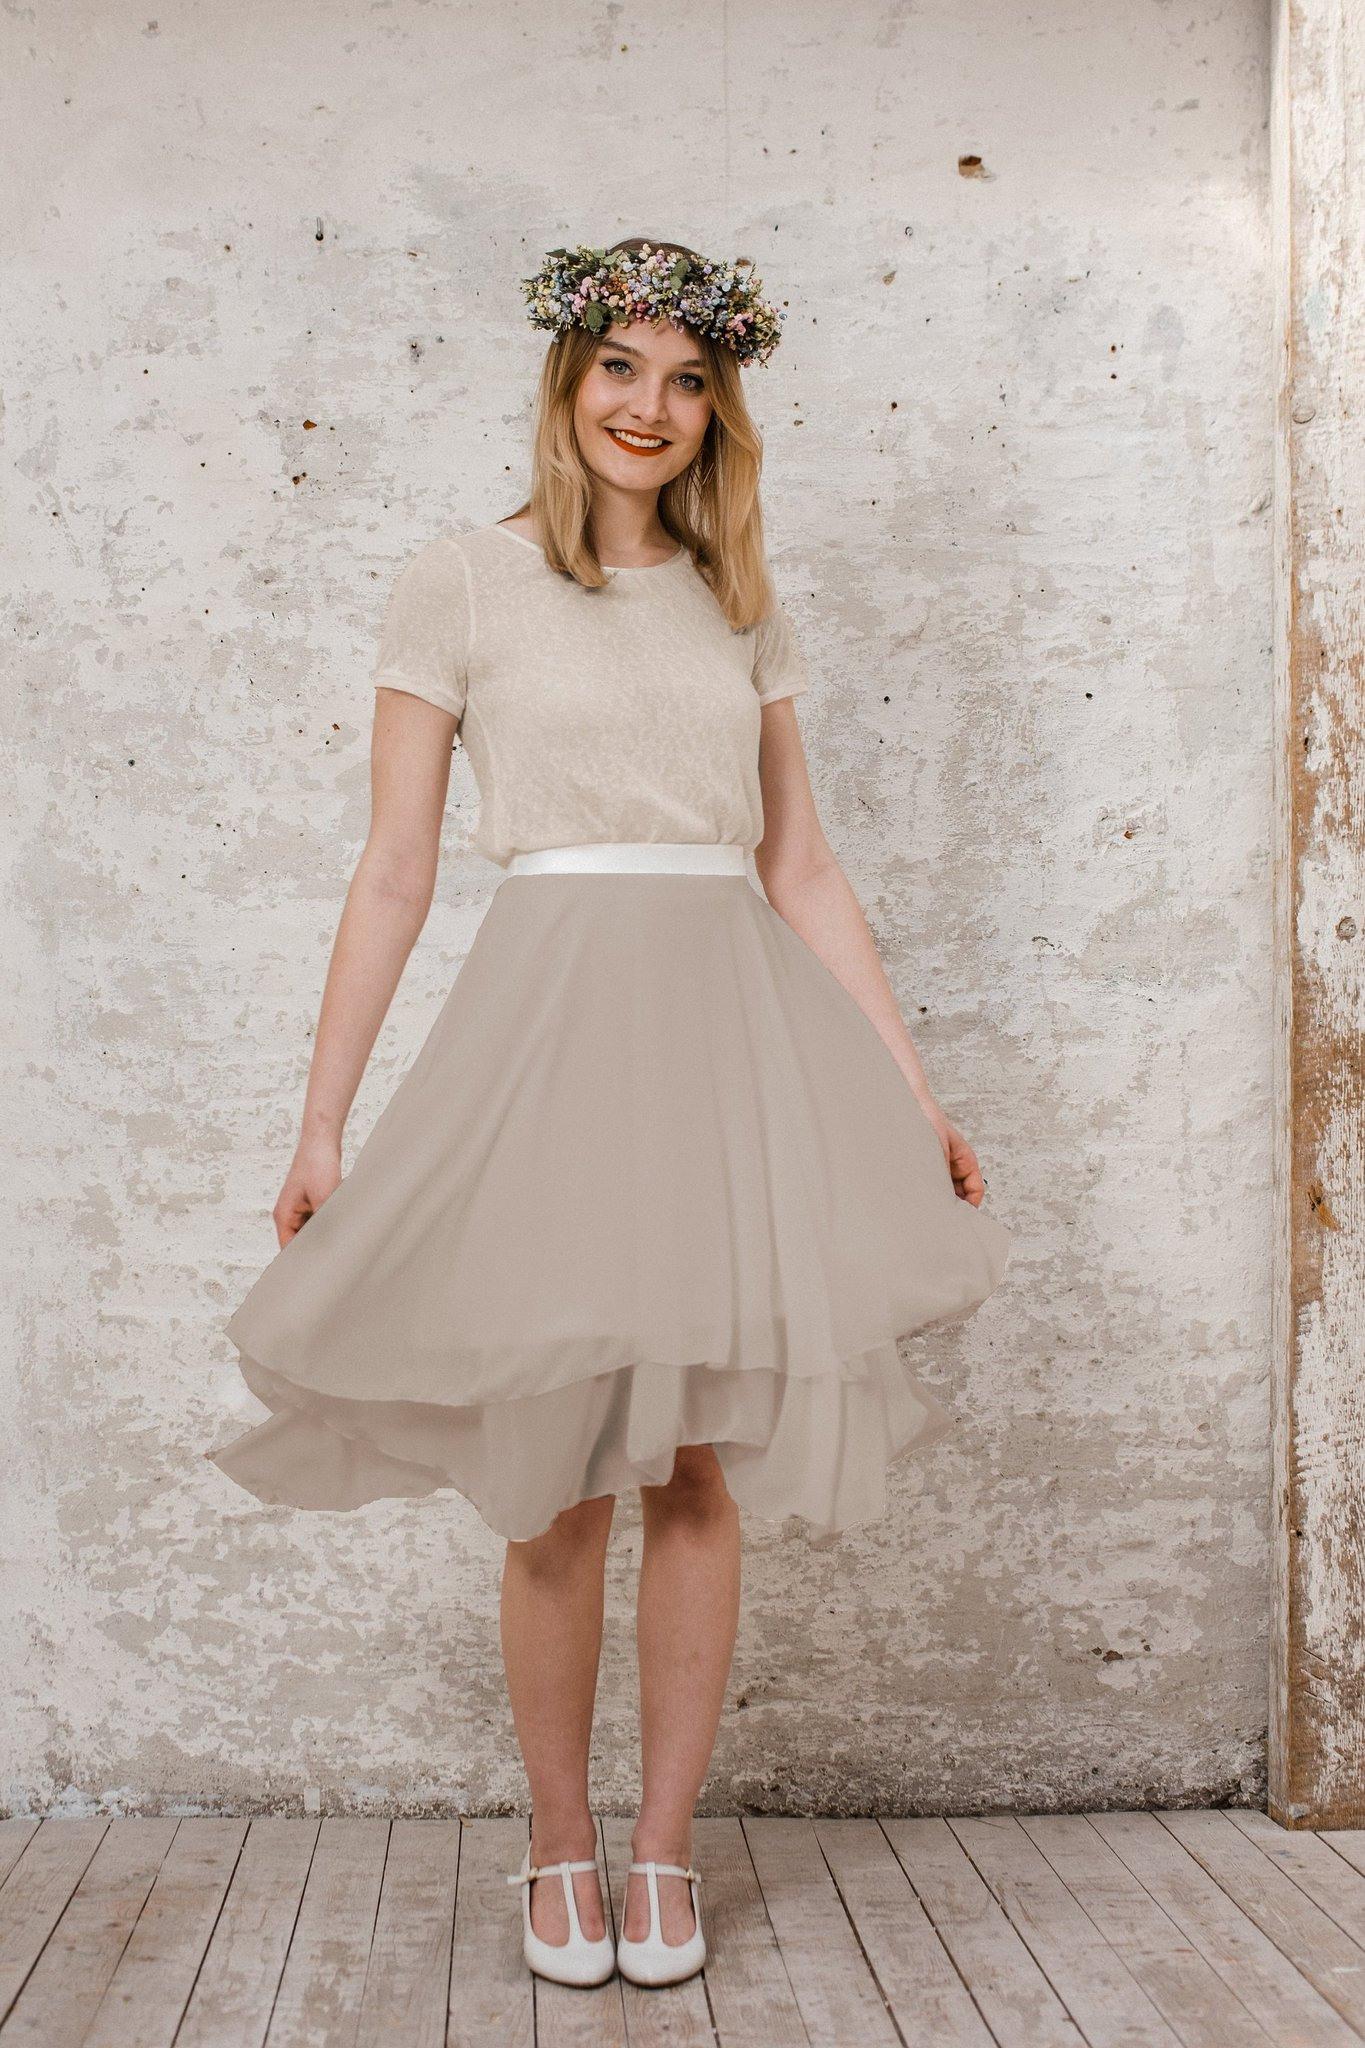 Kleider Für Die Trauzeugin Und Braut: Die Sommerkollektion